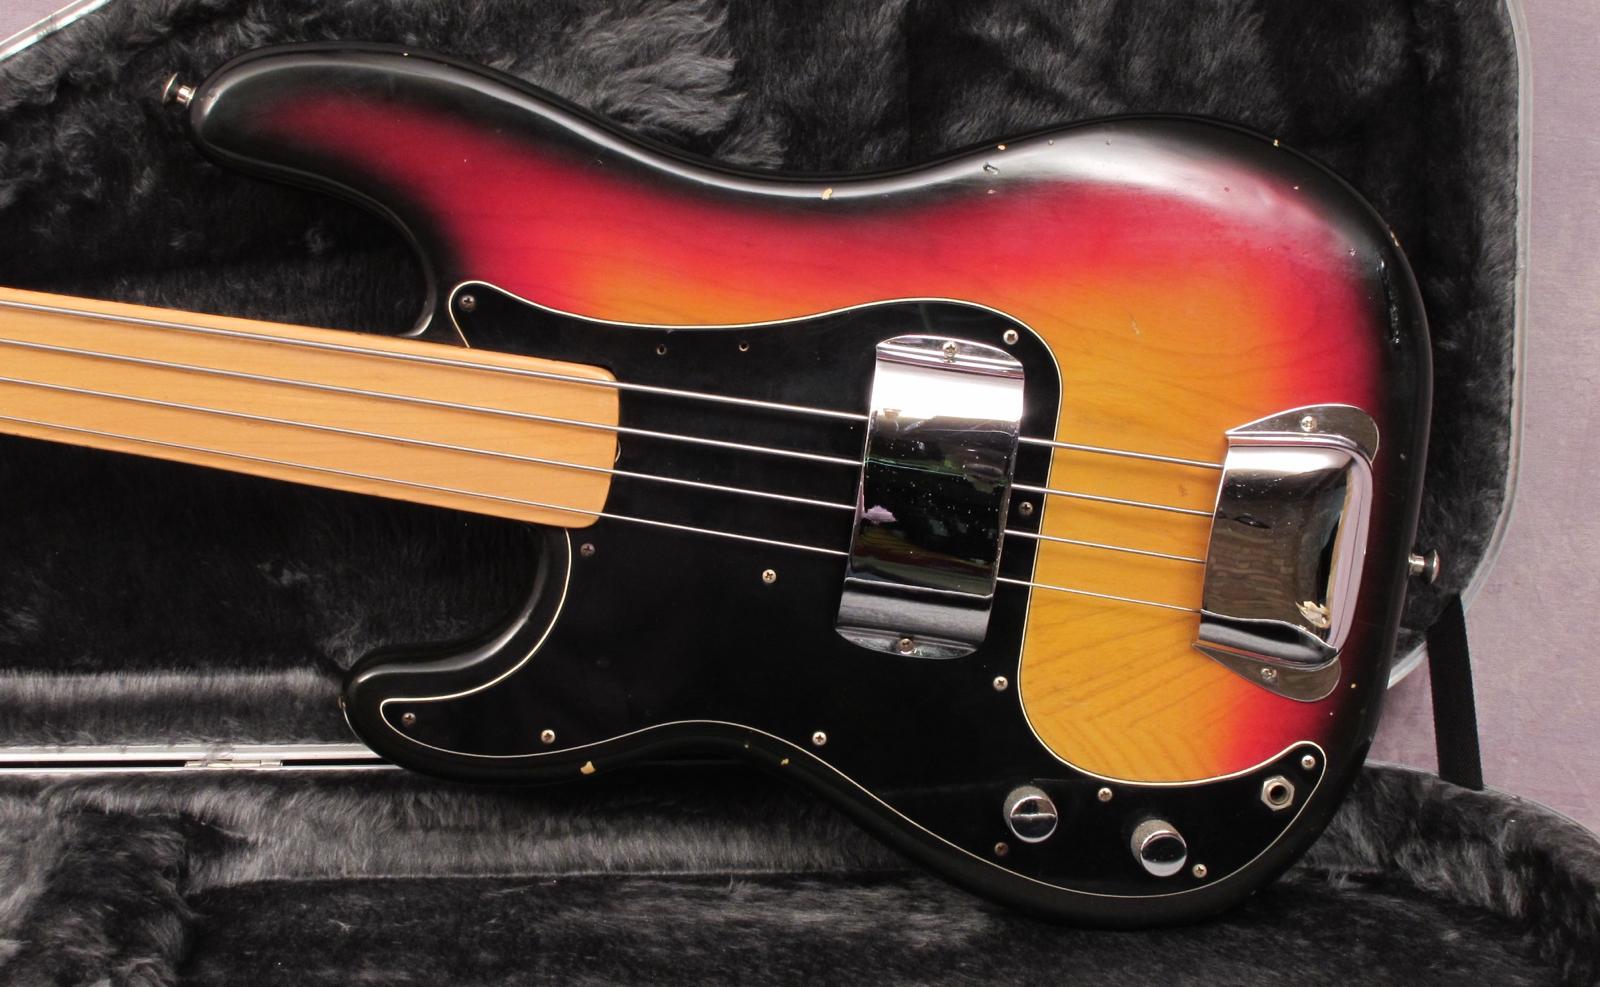 fender precision left handed 1977 sunburst bass for sale andy baxter bass guitars ltd. Black Bedroom Furniture Sets. Home Design Ideas